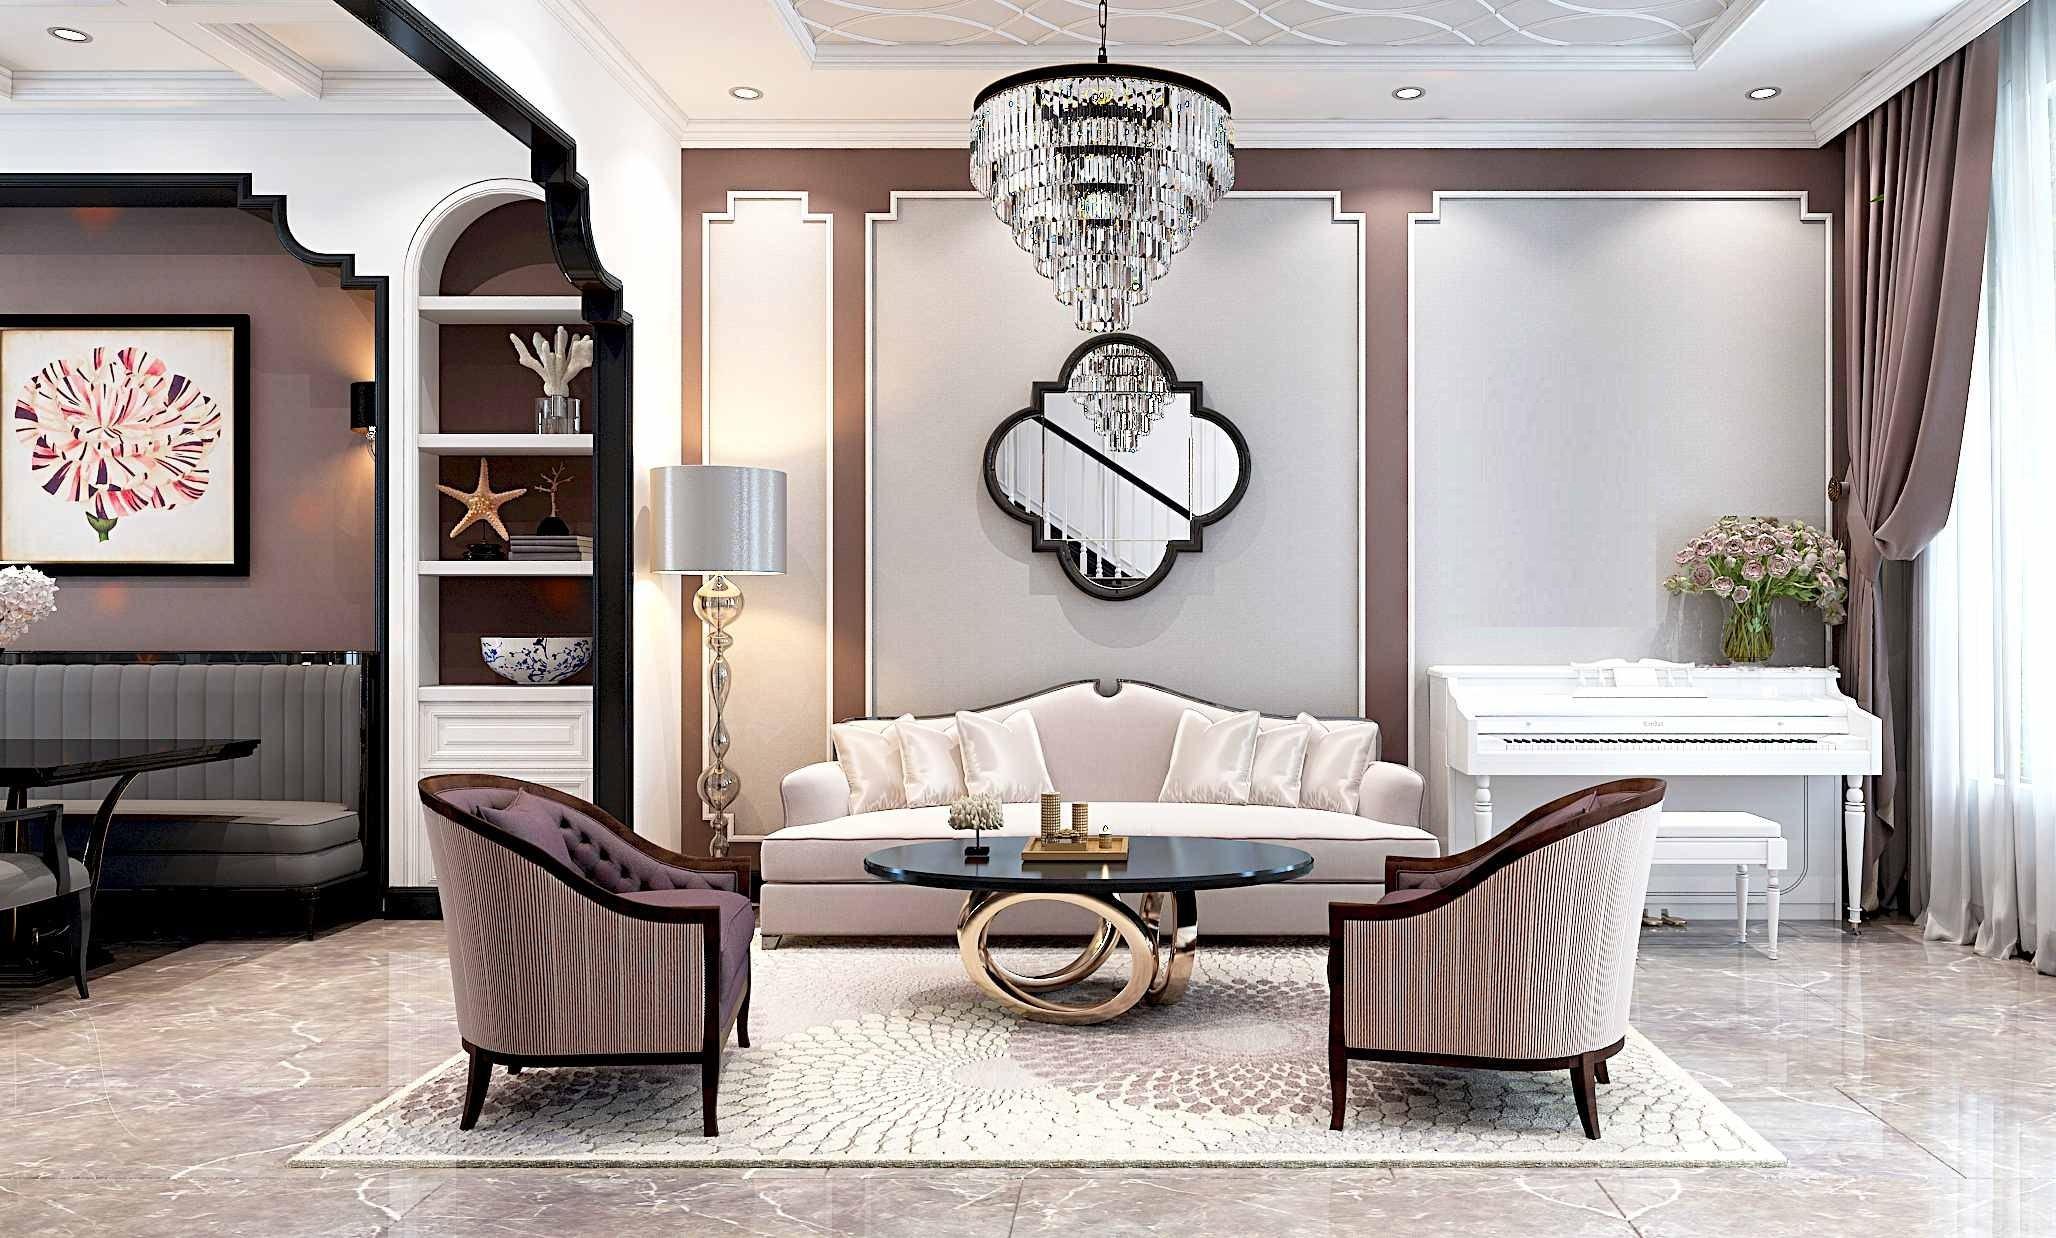 Phong cách thiết kế nội thất cổ điển thường được sử dụng trong nhà phố, biệt thự